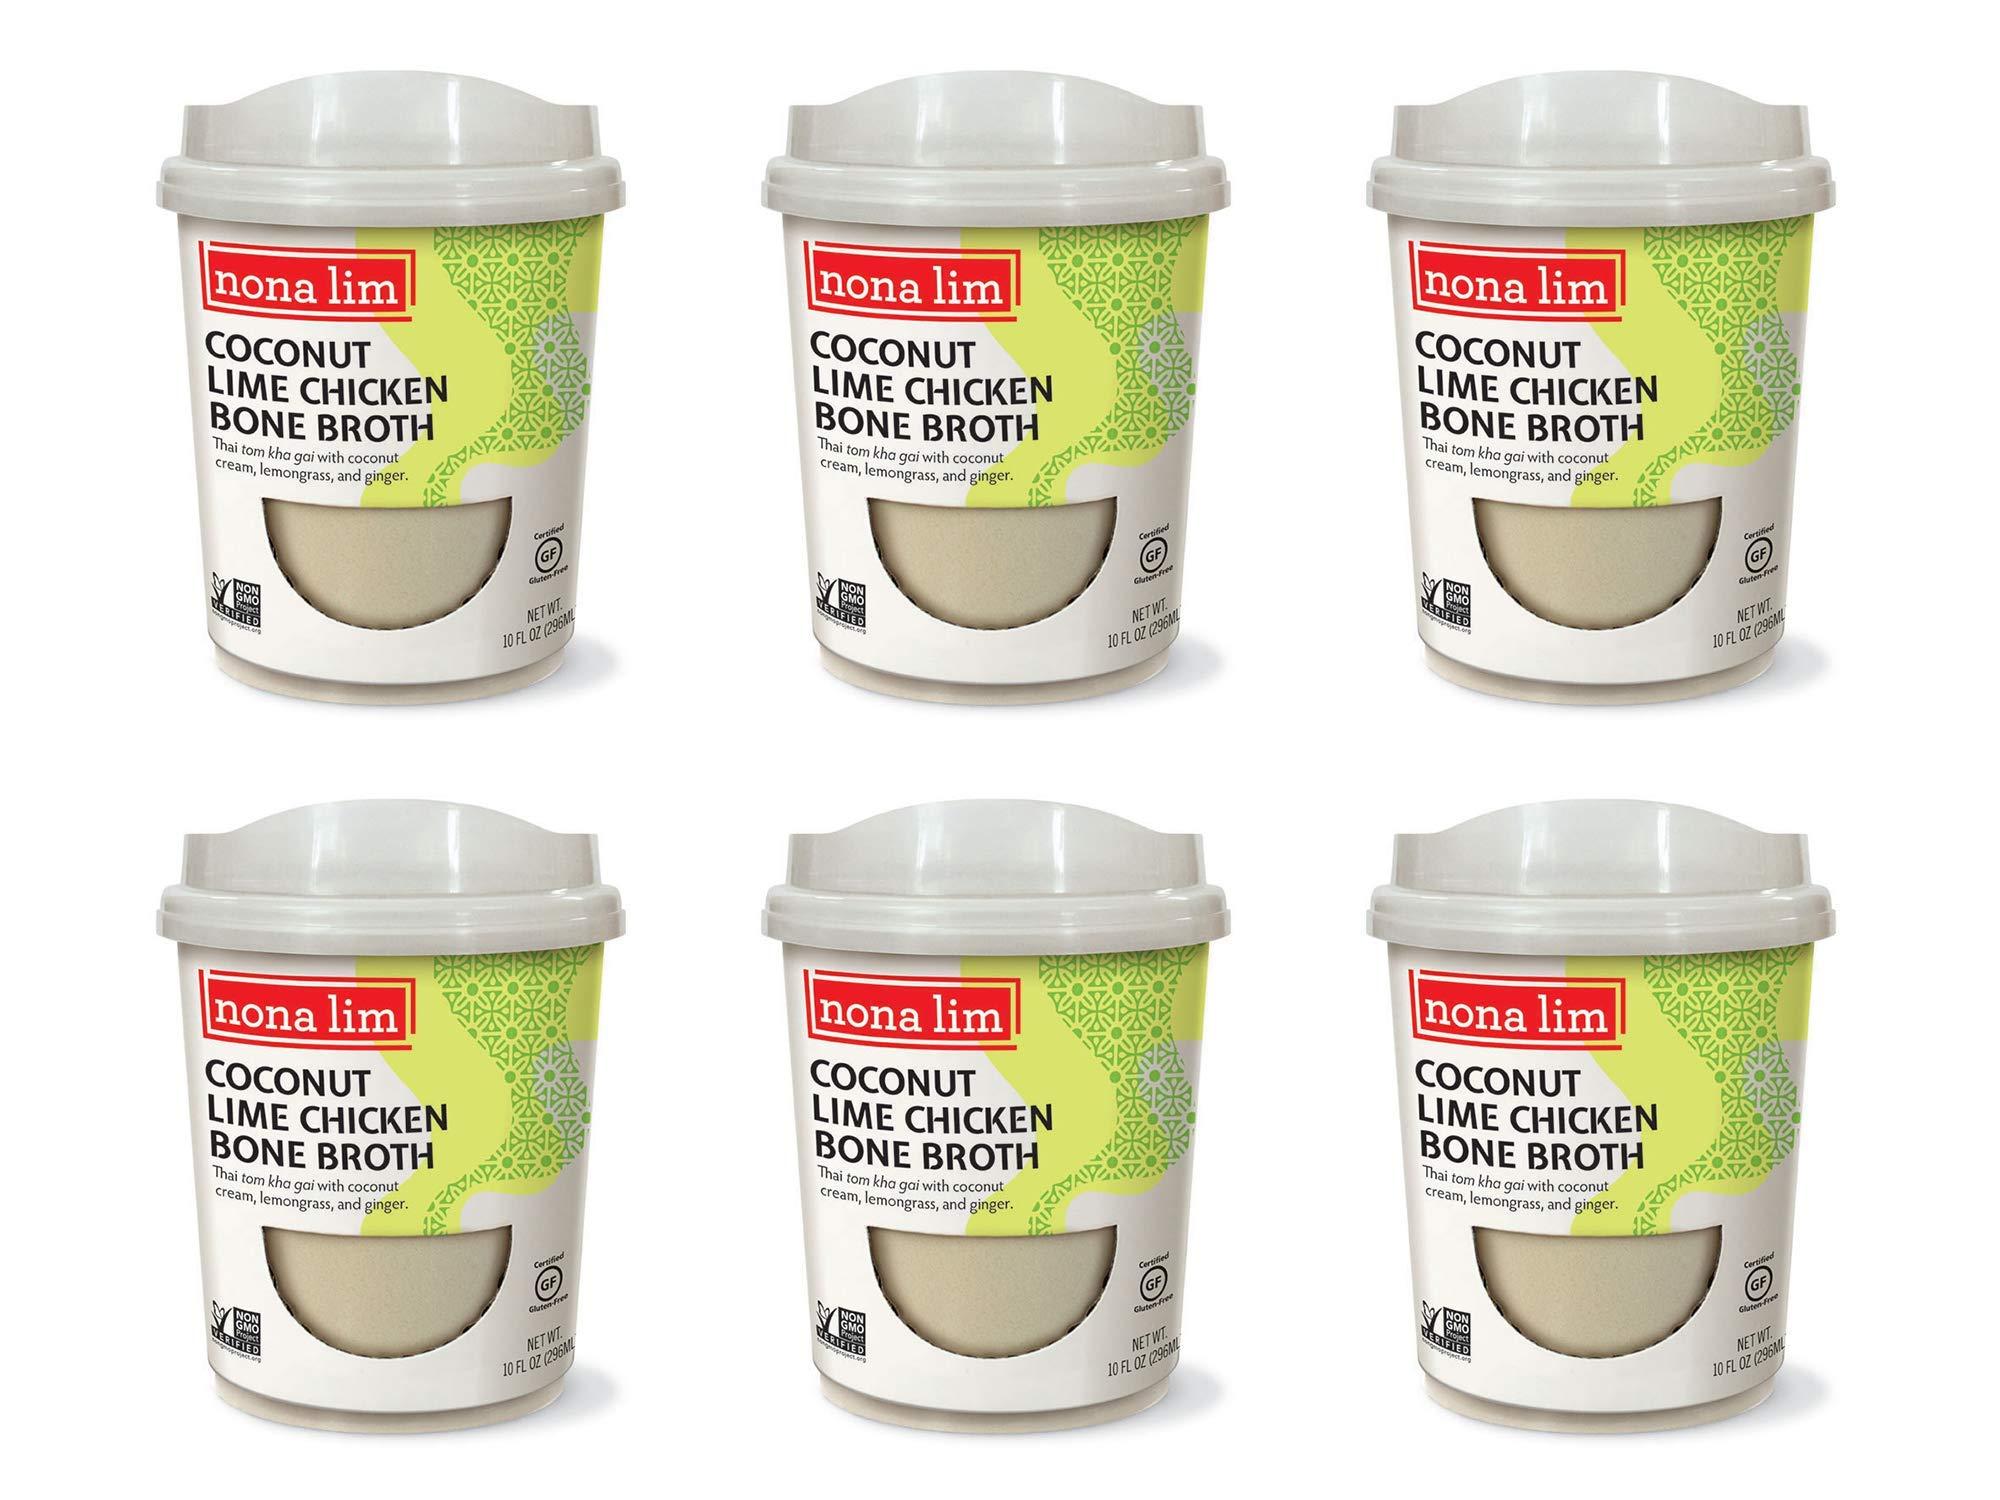 Nona Lim Bone Broth Heat & Sip Cups, Coconut Lime (10 oz, 6 Count) - Gluten Free, Dairy Free, Non GMO